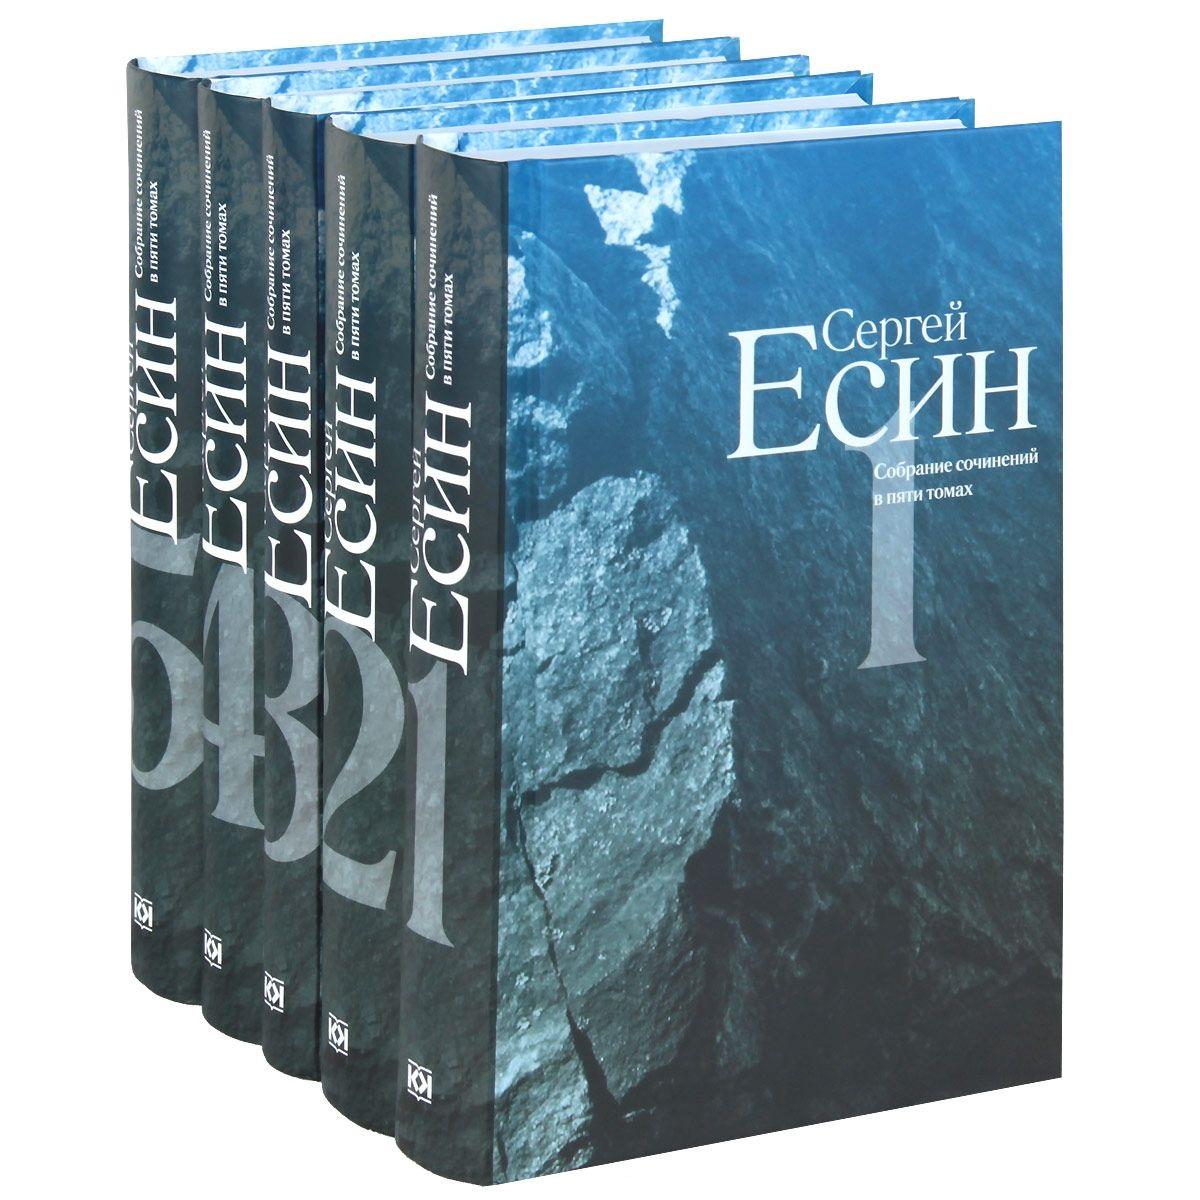 Сергей Есин. Собрание сочинений в пяти томах (комплект из 5 книг)